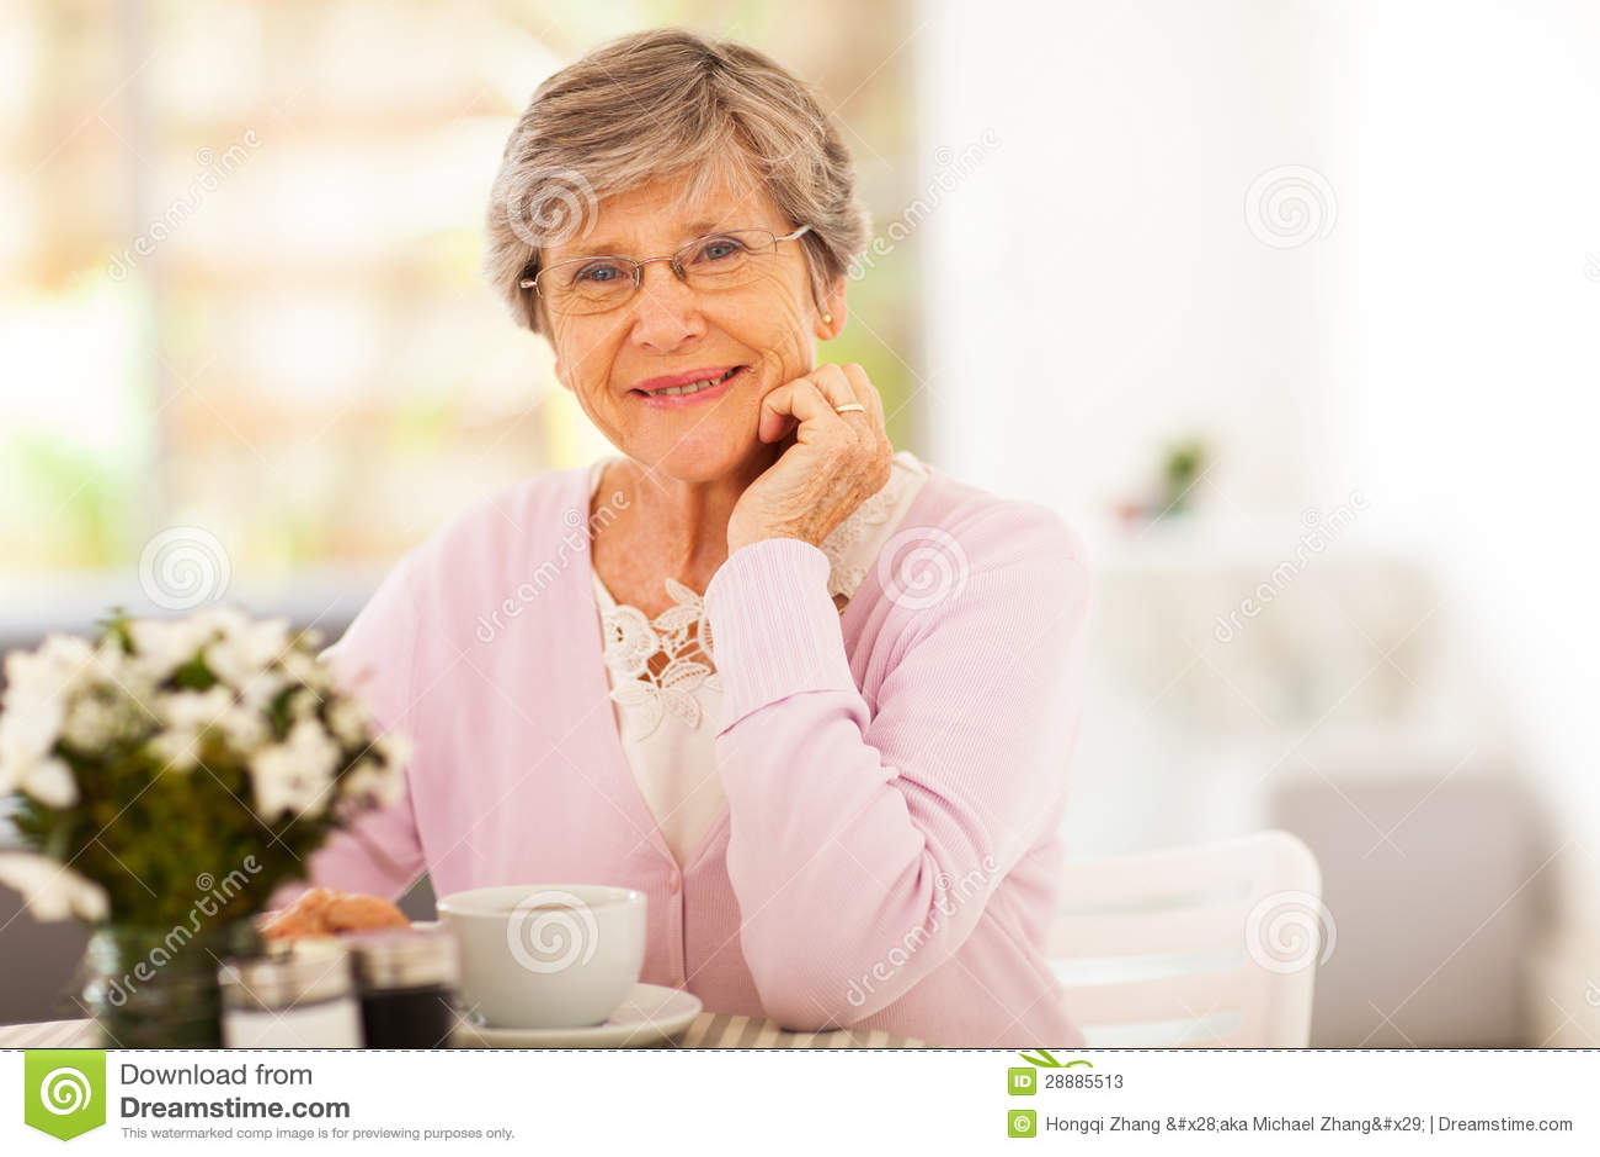 Mujer mayor la come mejor part2 - 3 7